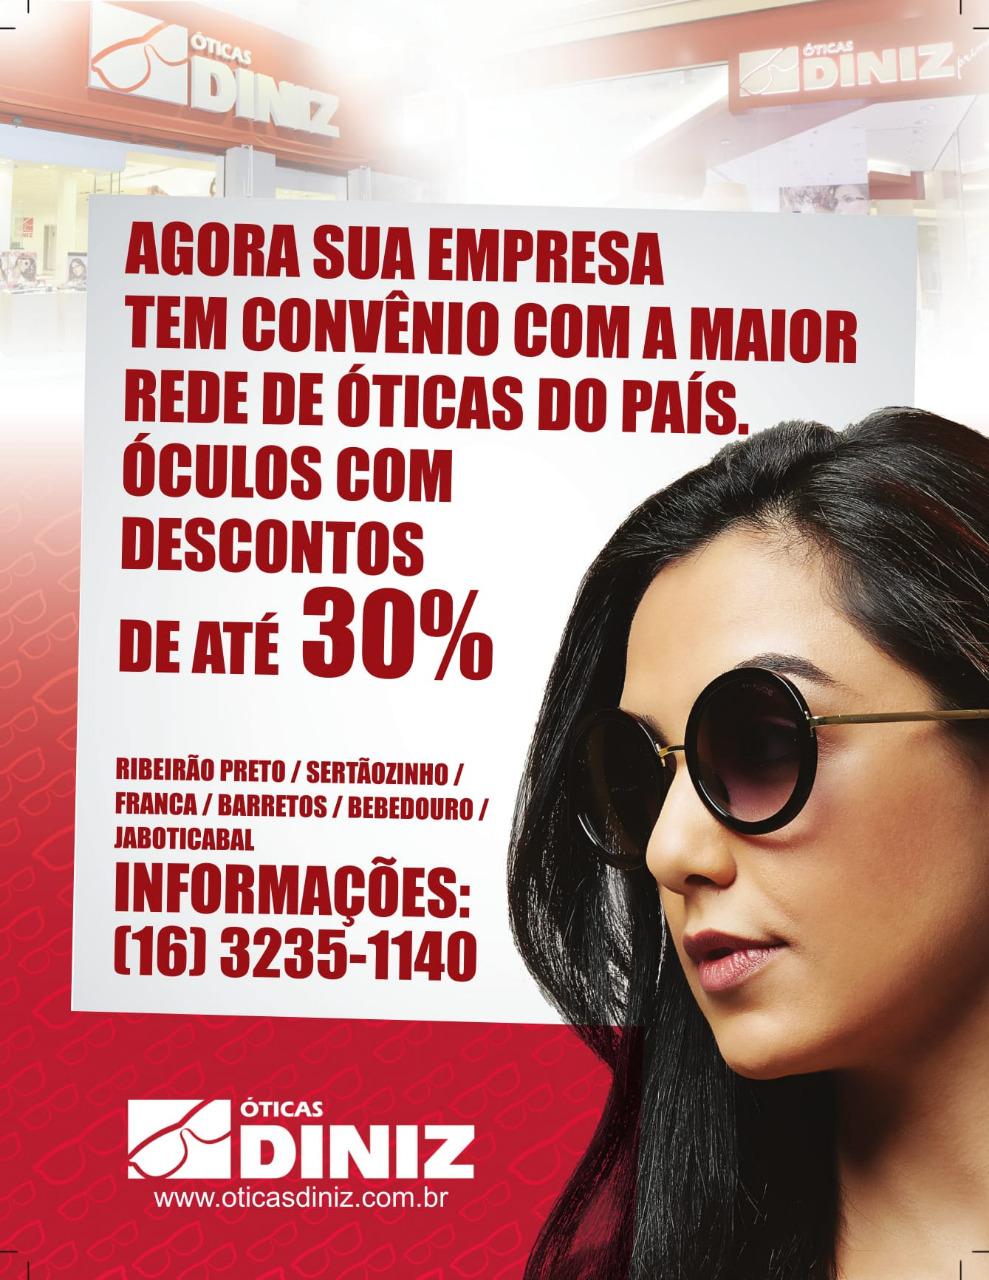 de5c3a9b99f45 SEAAC - Ribeirão Preto e Região